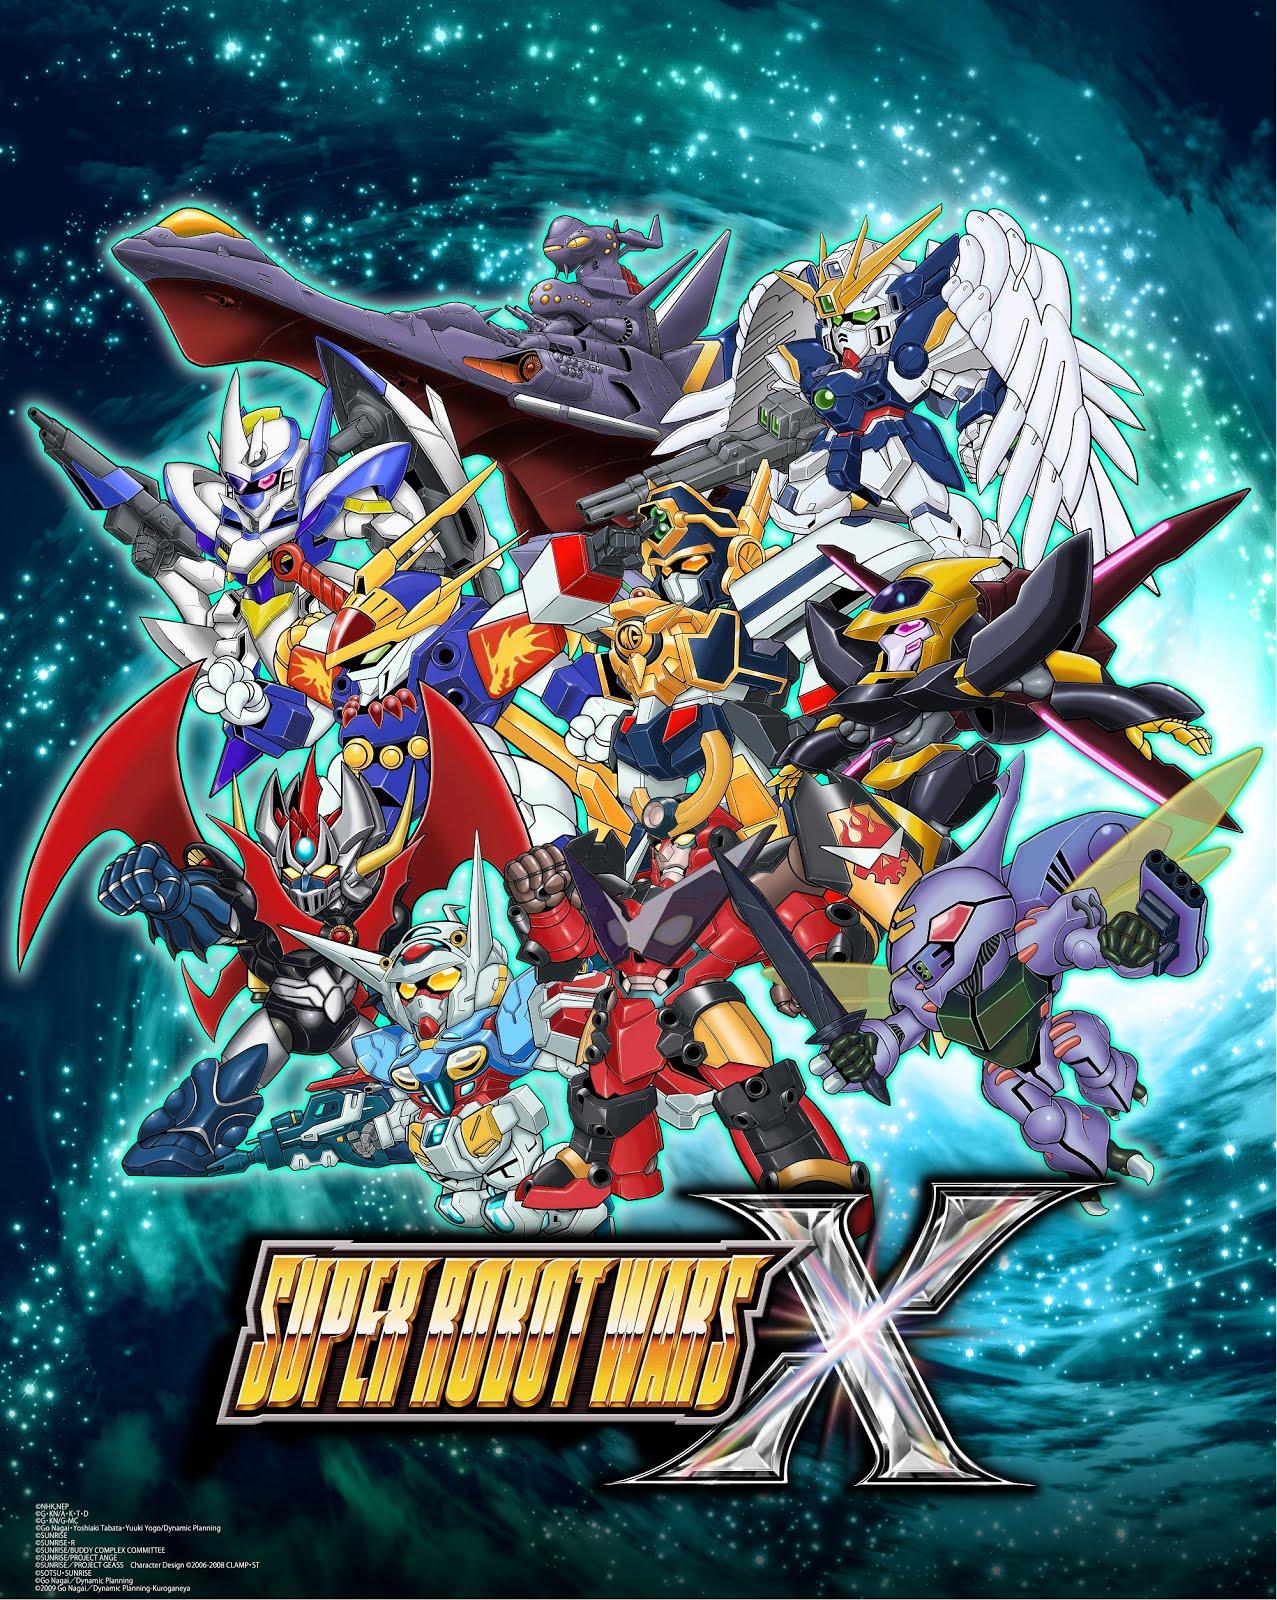 New Character Announced For Super Robot Wars X, Original mech